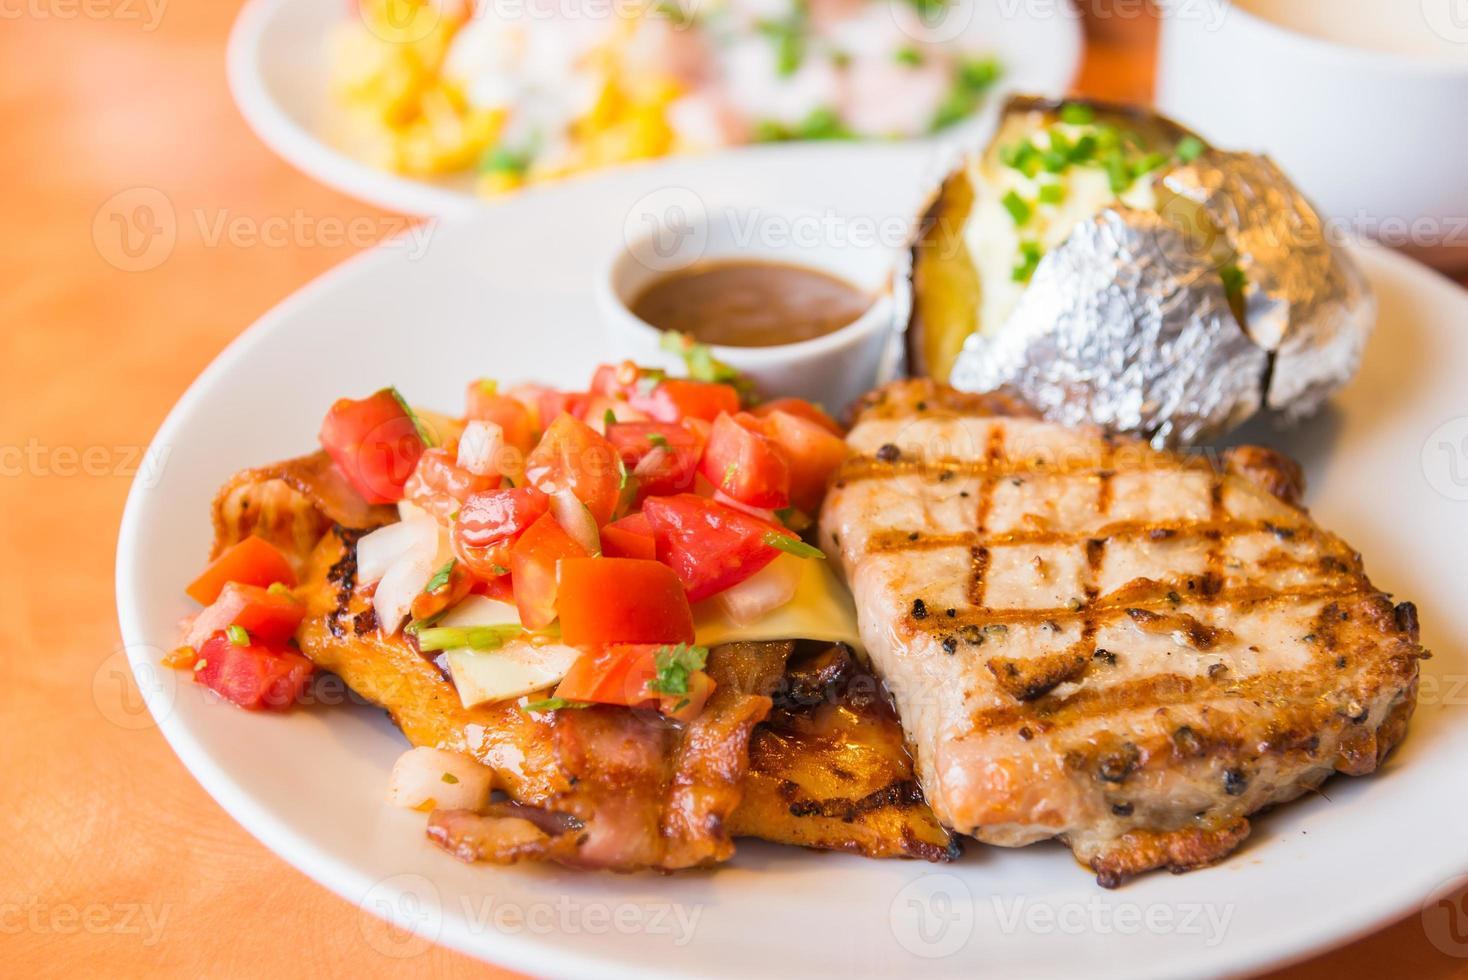 Grilled pork steak photo